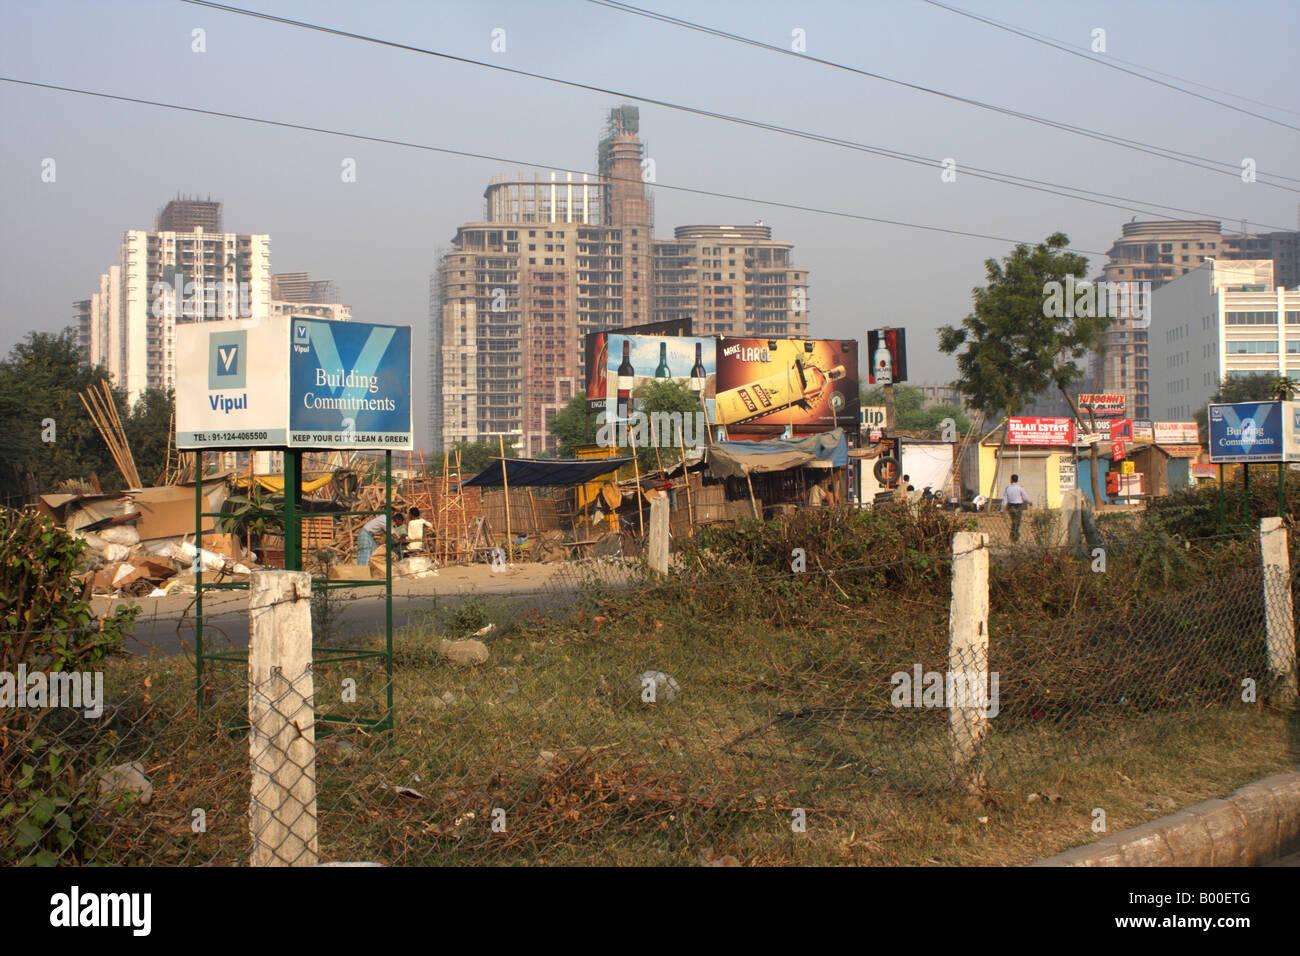 Centro città in Gurgaon Delhi India Immagini Stock